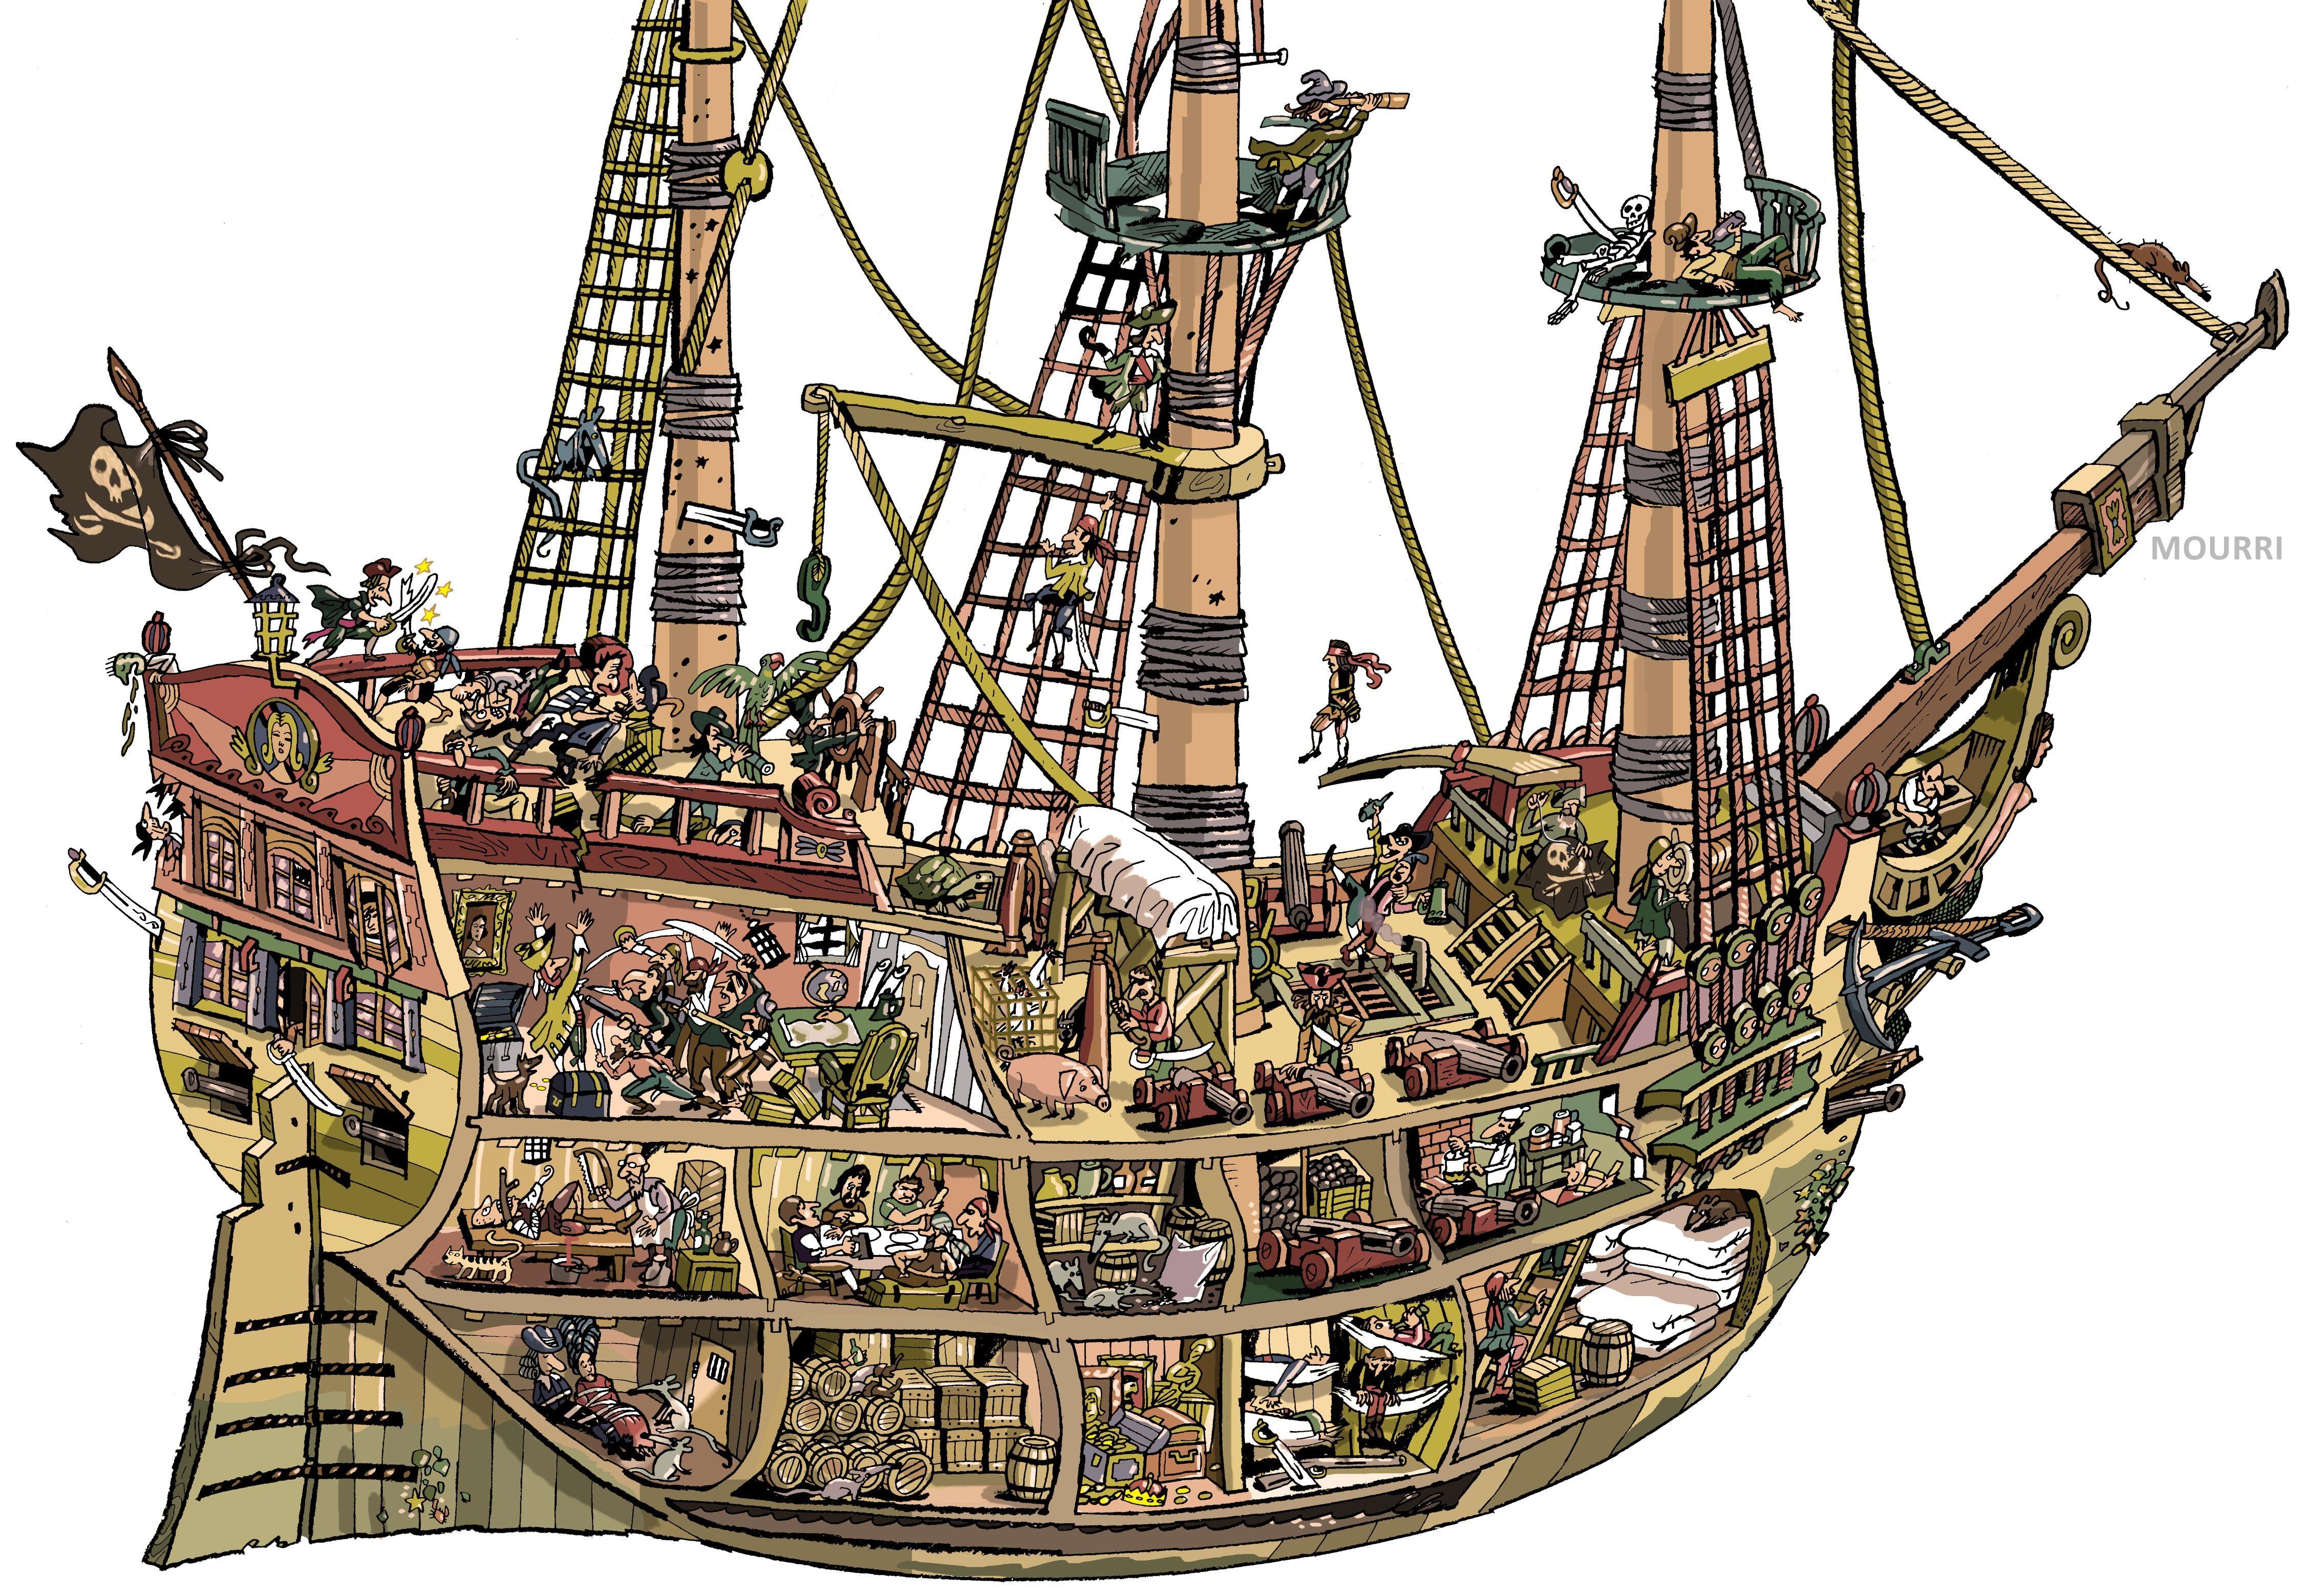 Pirate Ship Pirate Ship Real Pirate Ships Pirate Ship Drawing